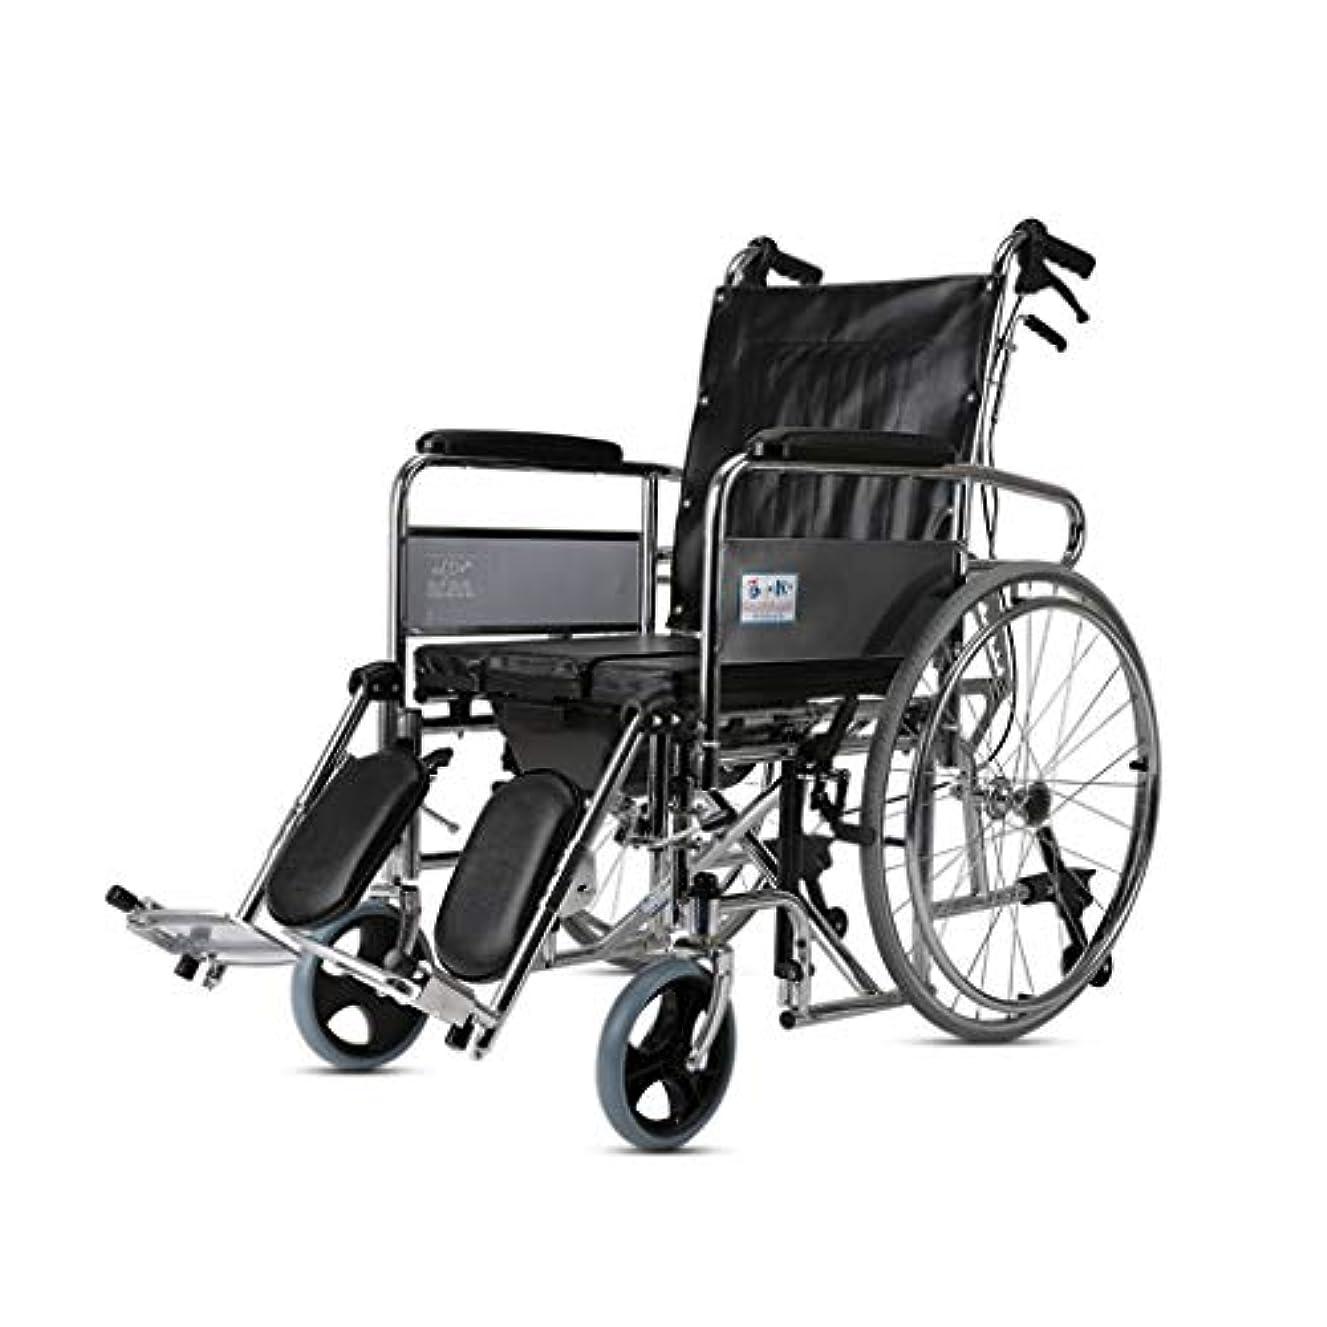 尾動機アストロラーベ折り畳み式車椅子超軽量ポータブル多機能ハンドプッシュ車椅子高齢者と障害者のために人間工学に基づいた